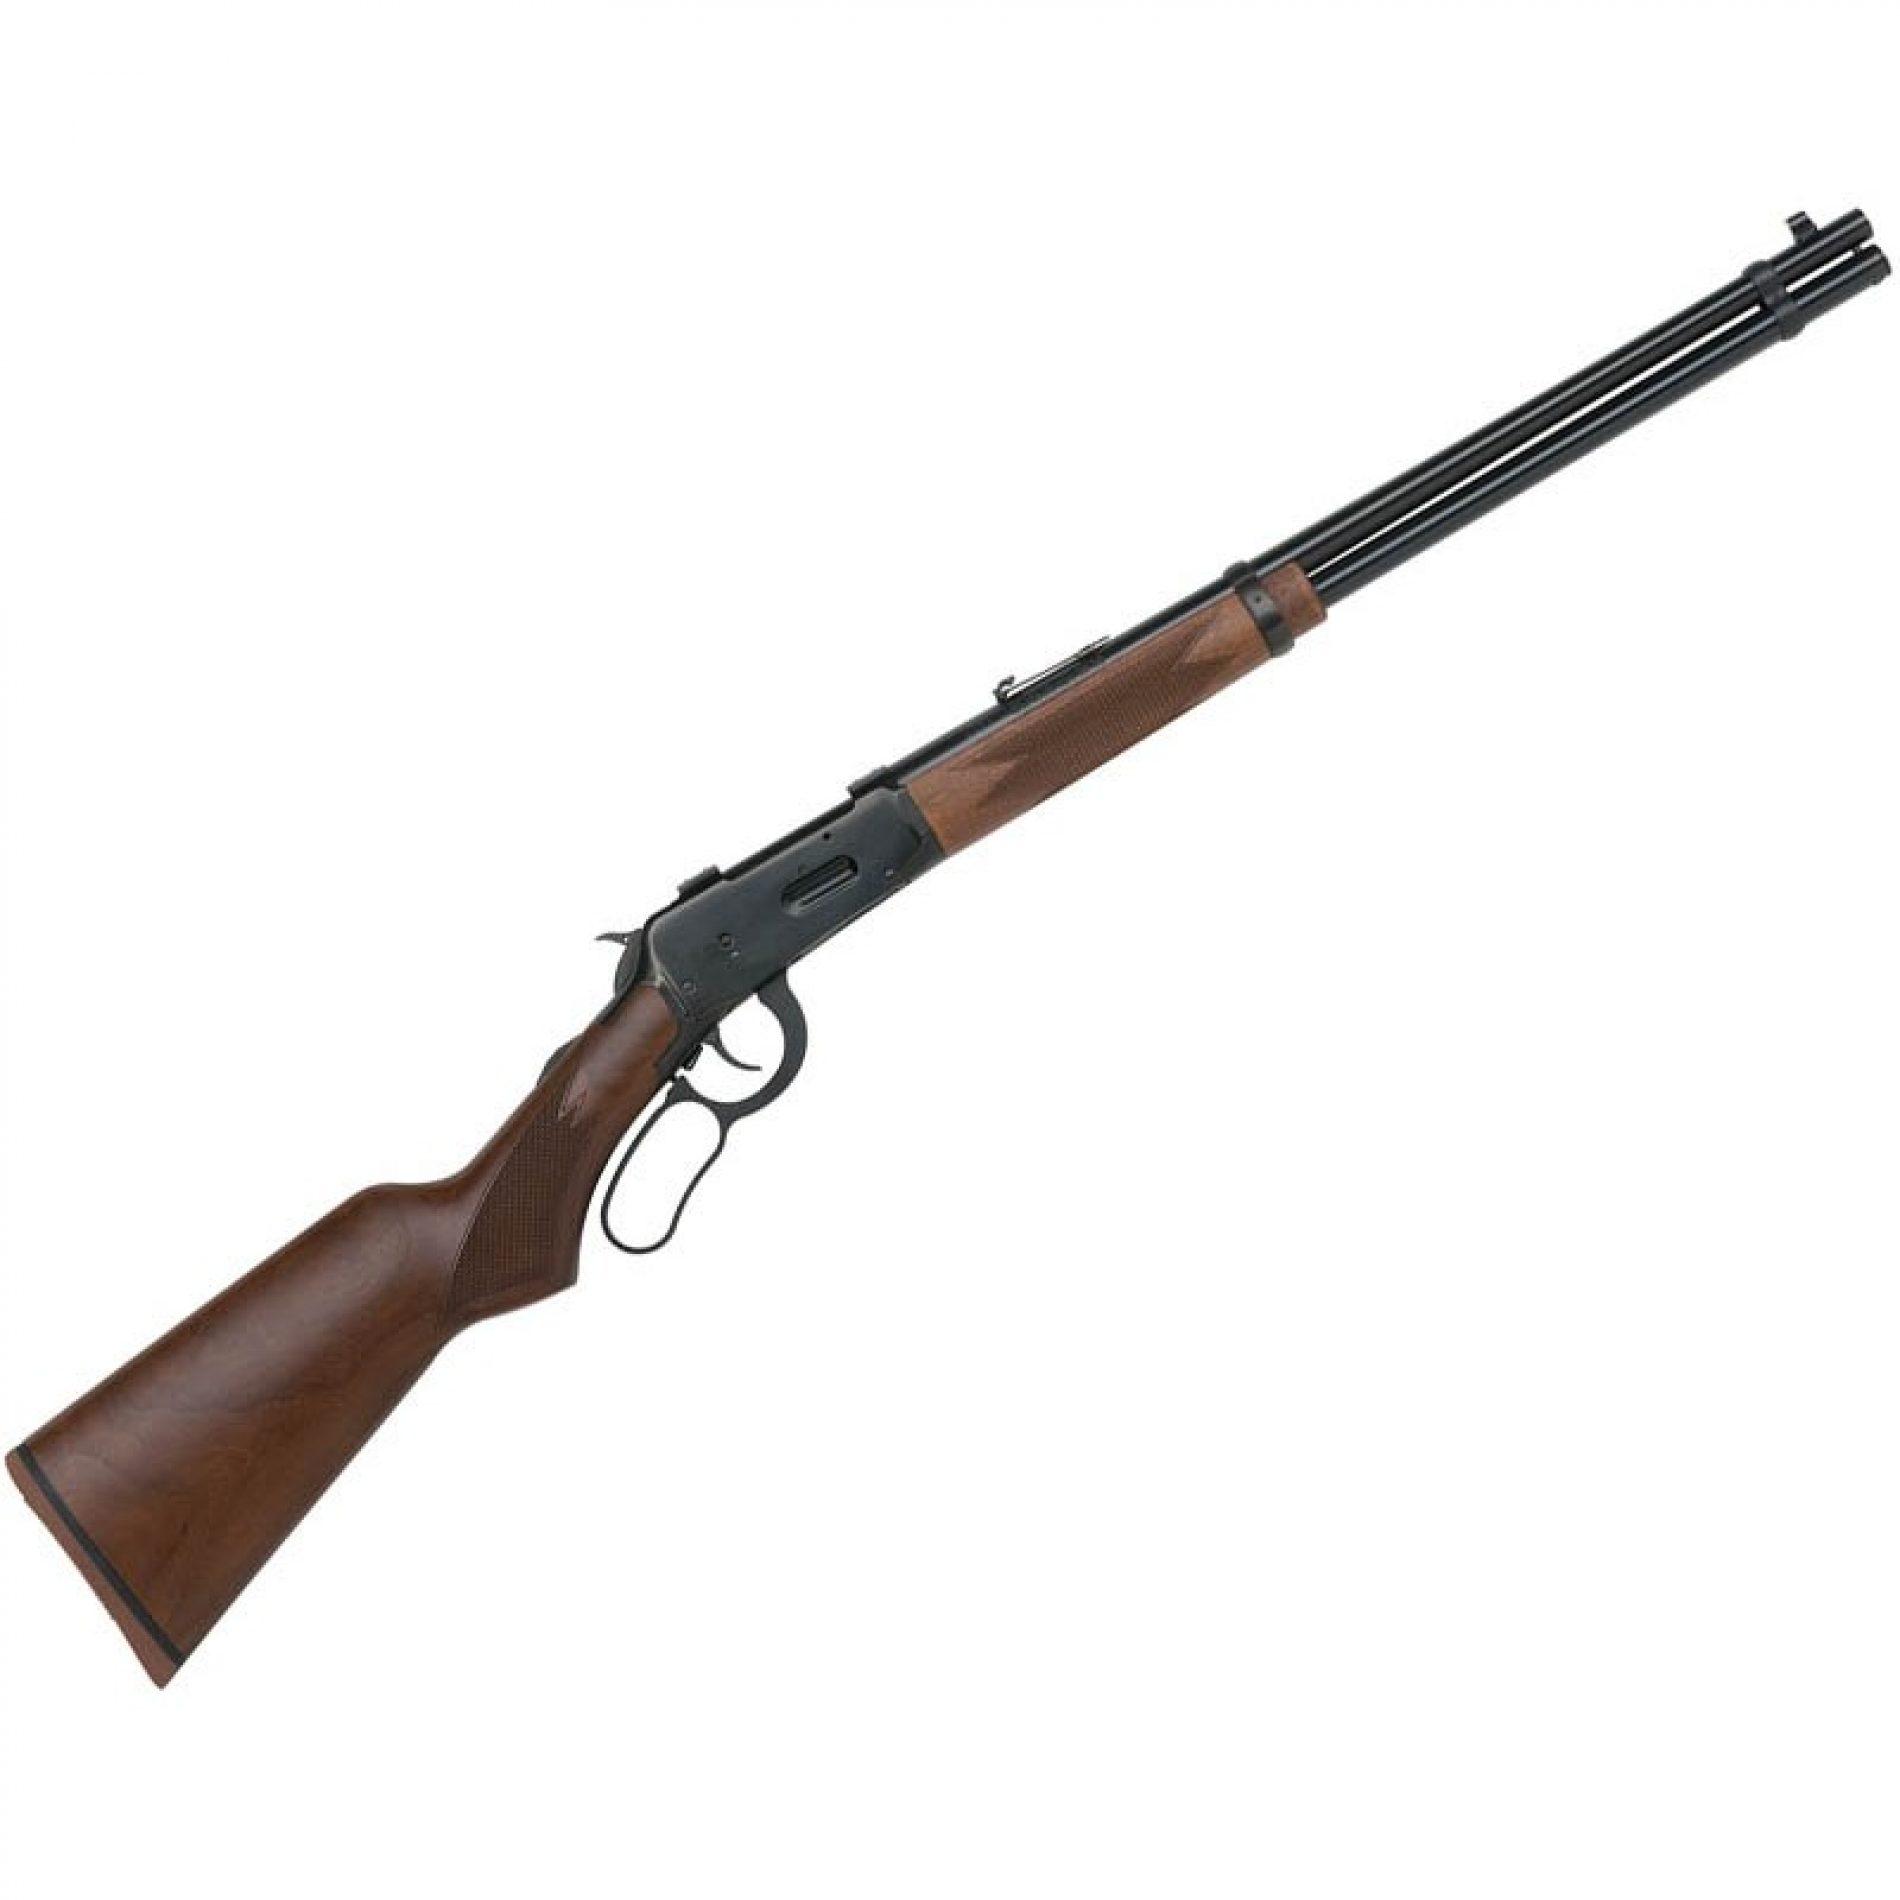 BORCHERS distribuidor exclusivo del fabricante de rifles y carabinas MOSSBERG